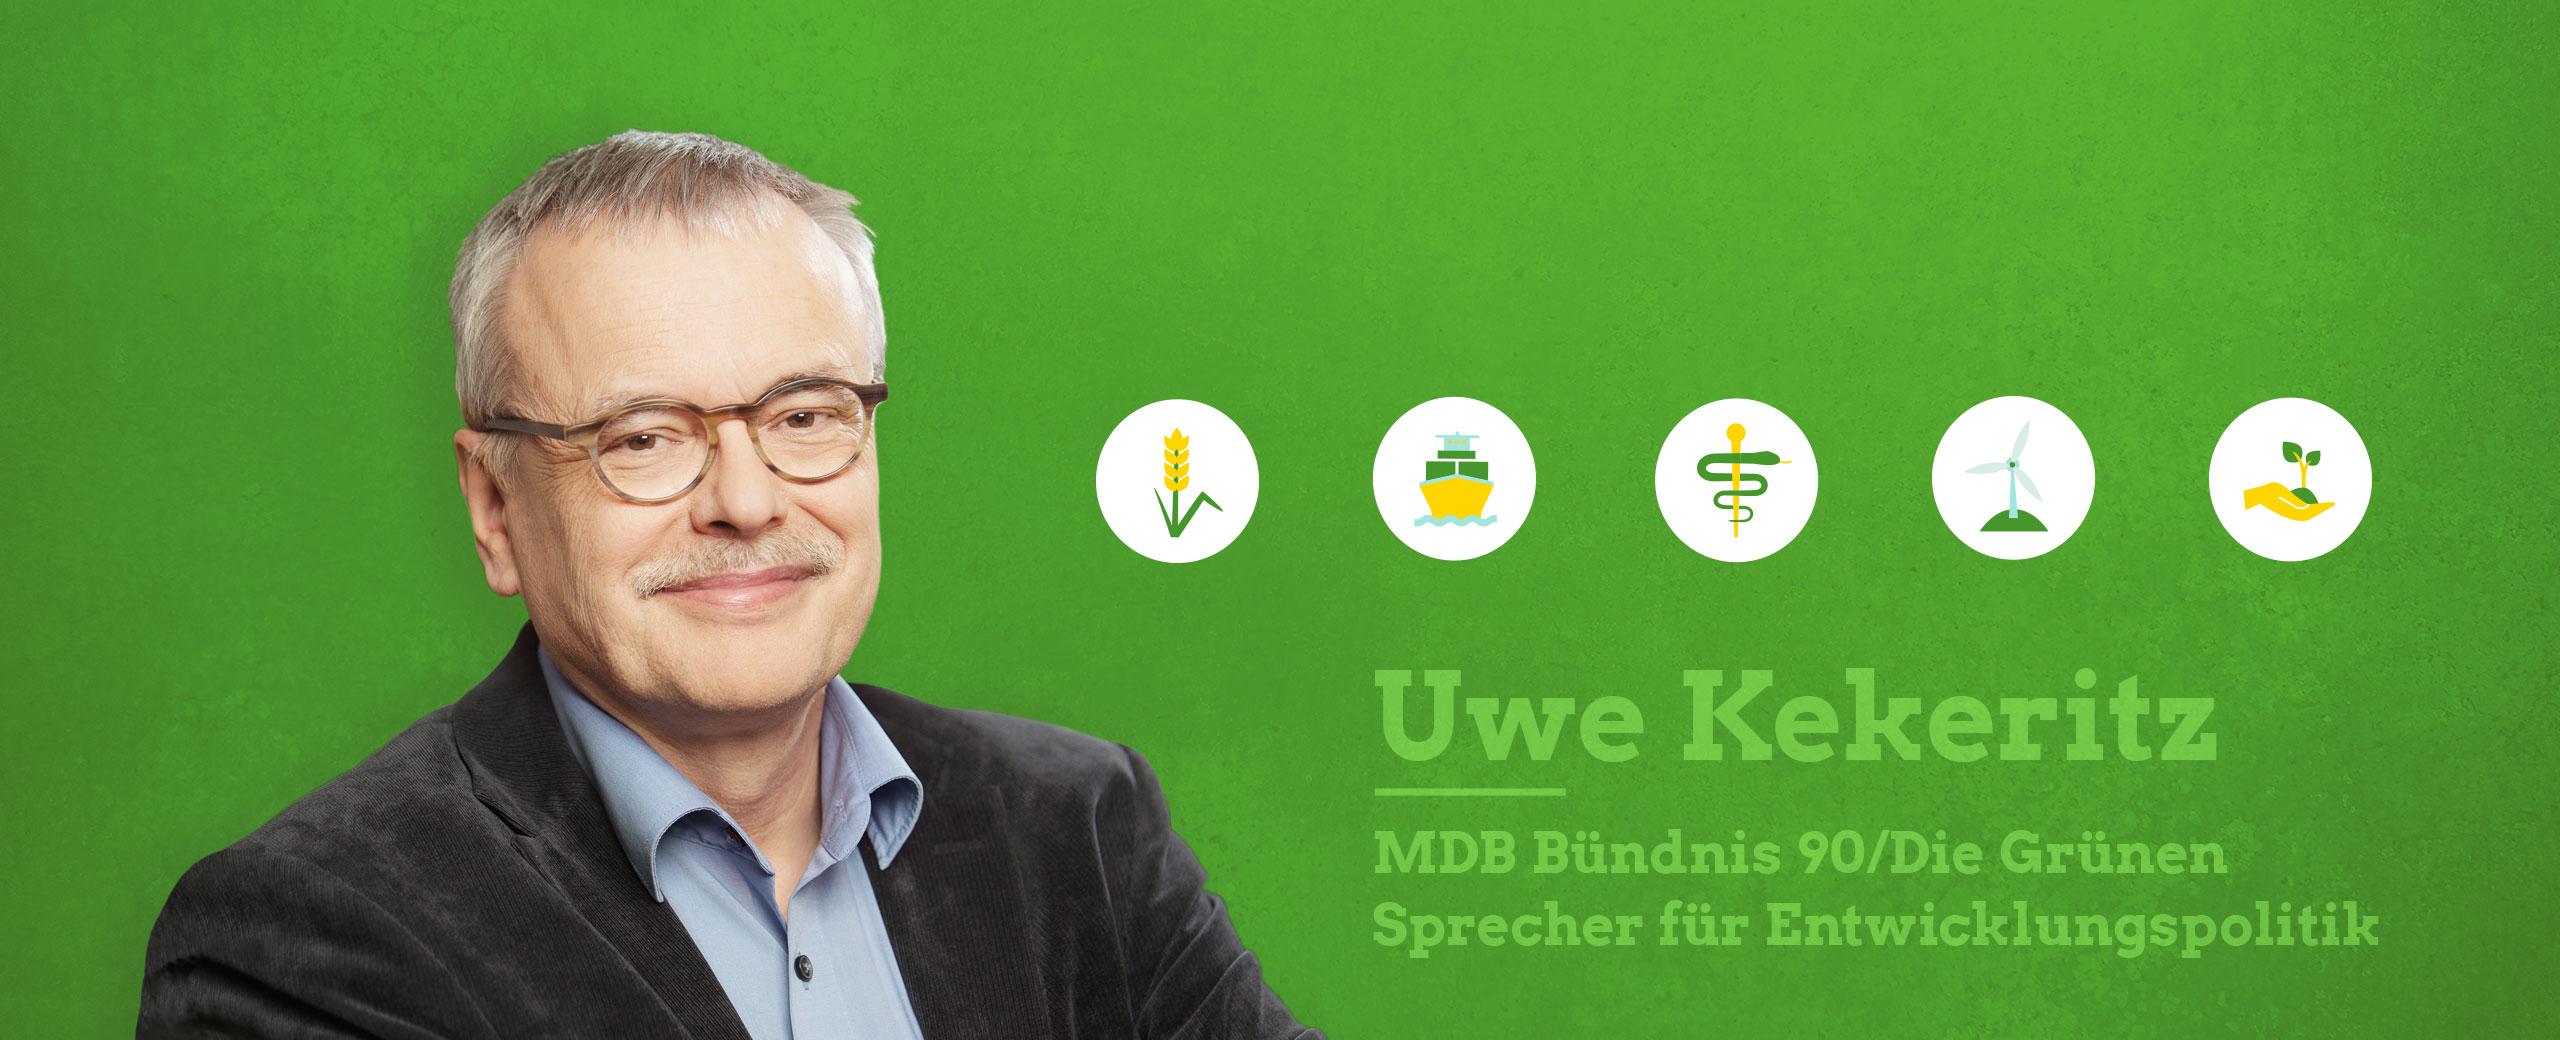 Uwe Kekeritz Portrait plus Webdesign